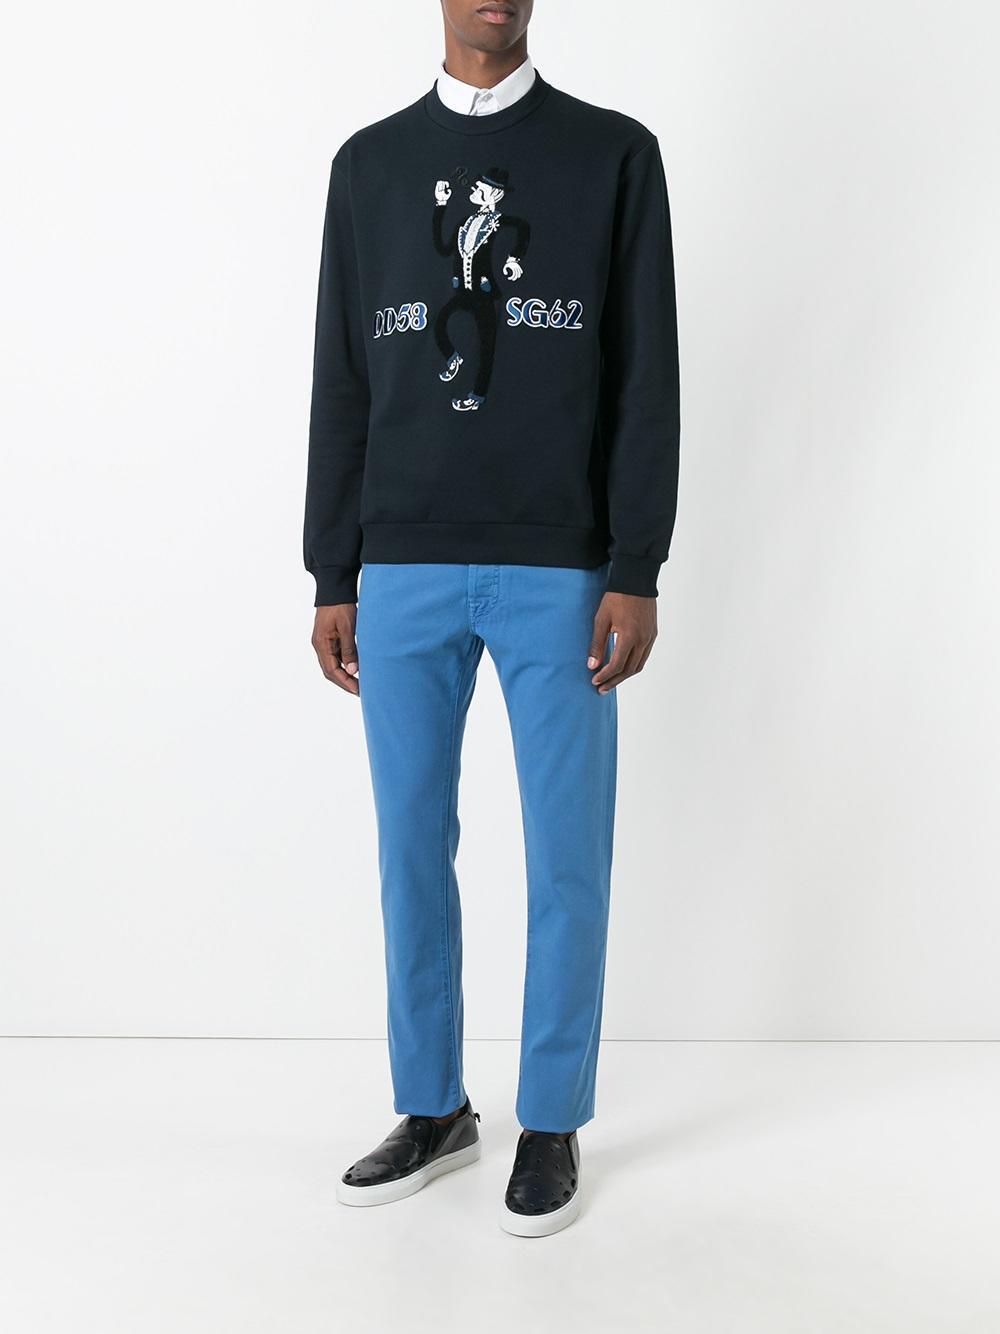 Lyst jacob cohen straight leg jeans in blue for men - Jacob cohen denim ...